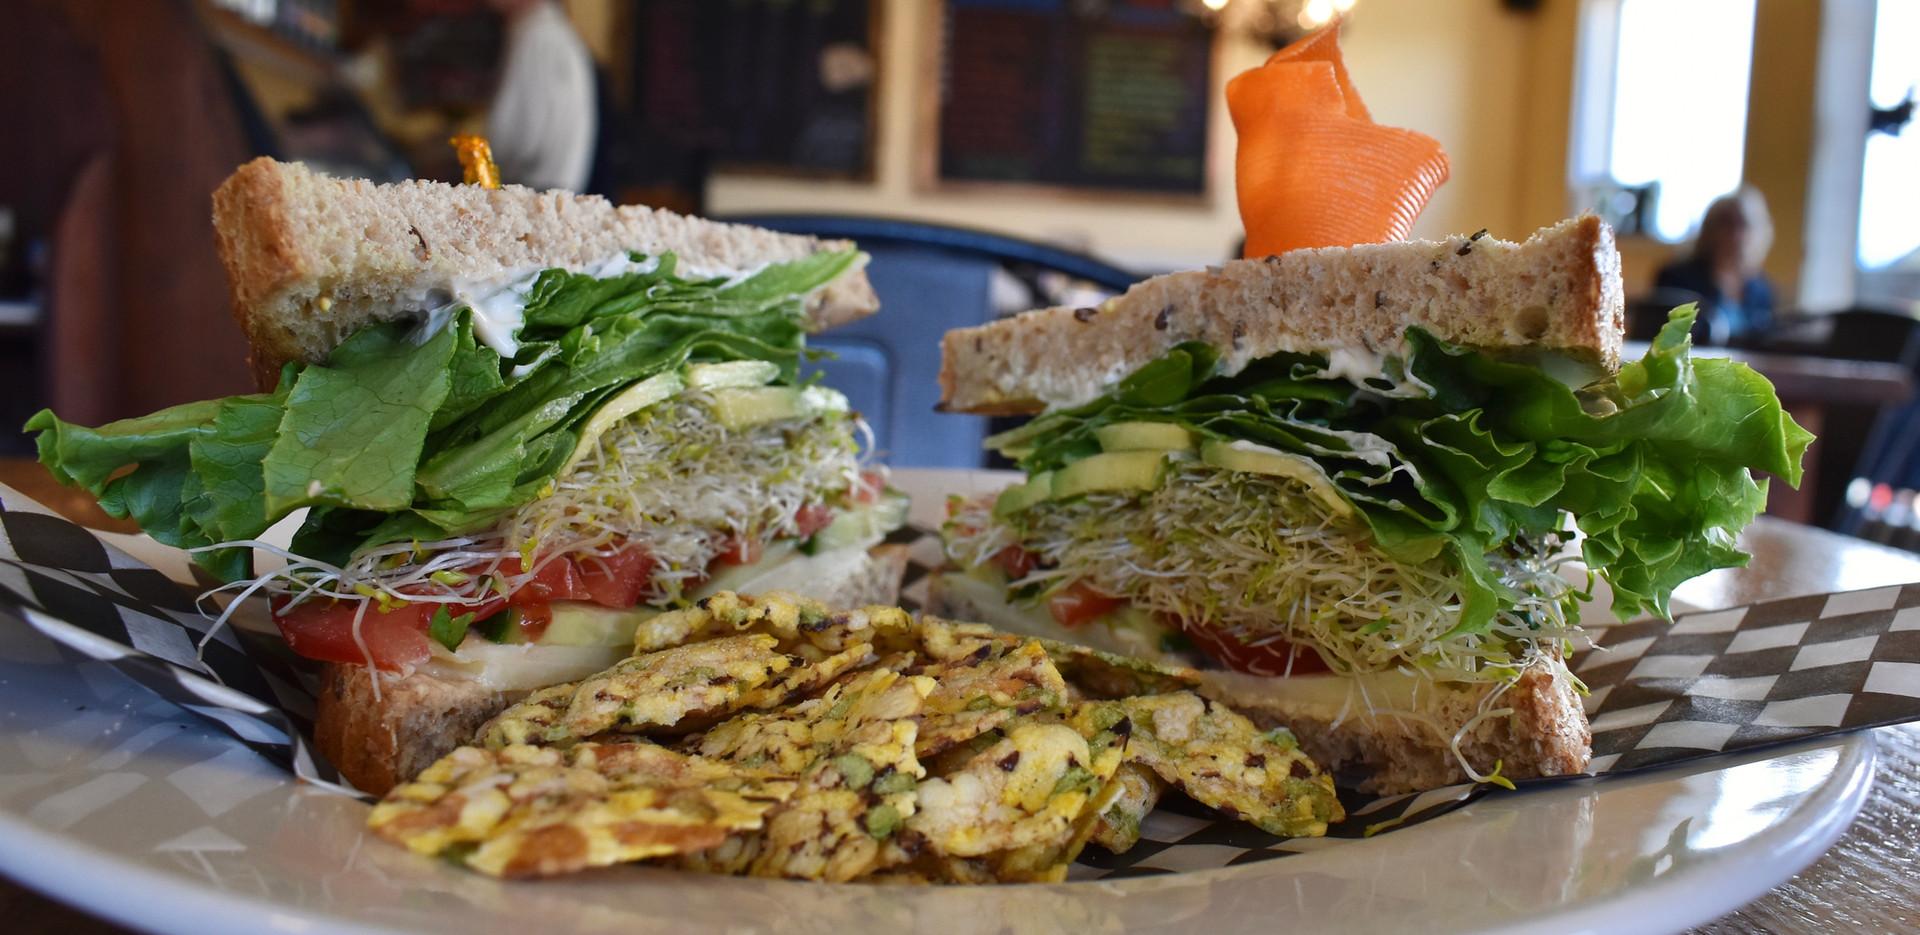 Coaster Veggie Sandwich